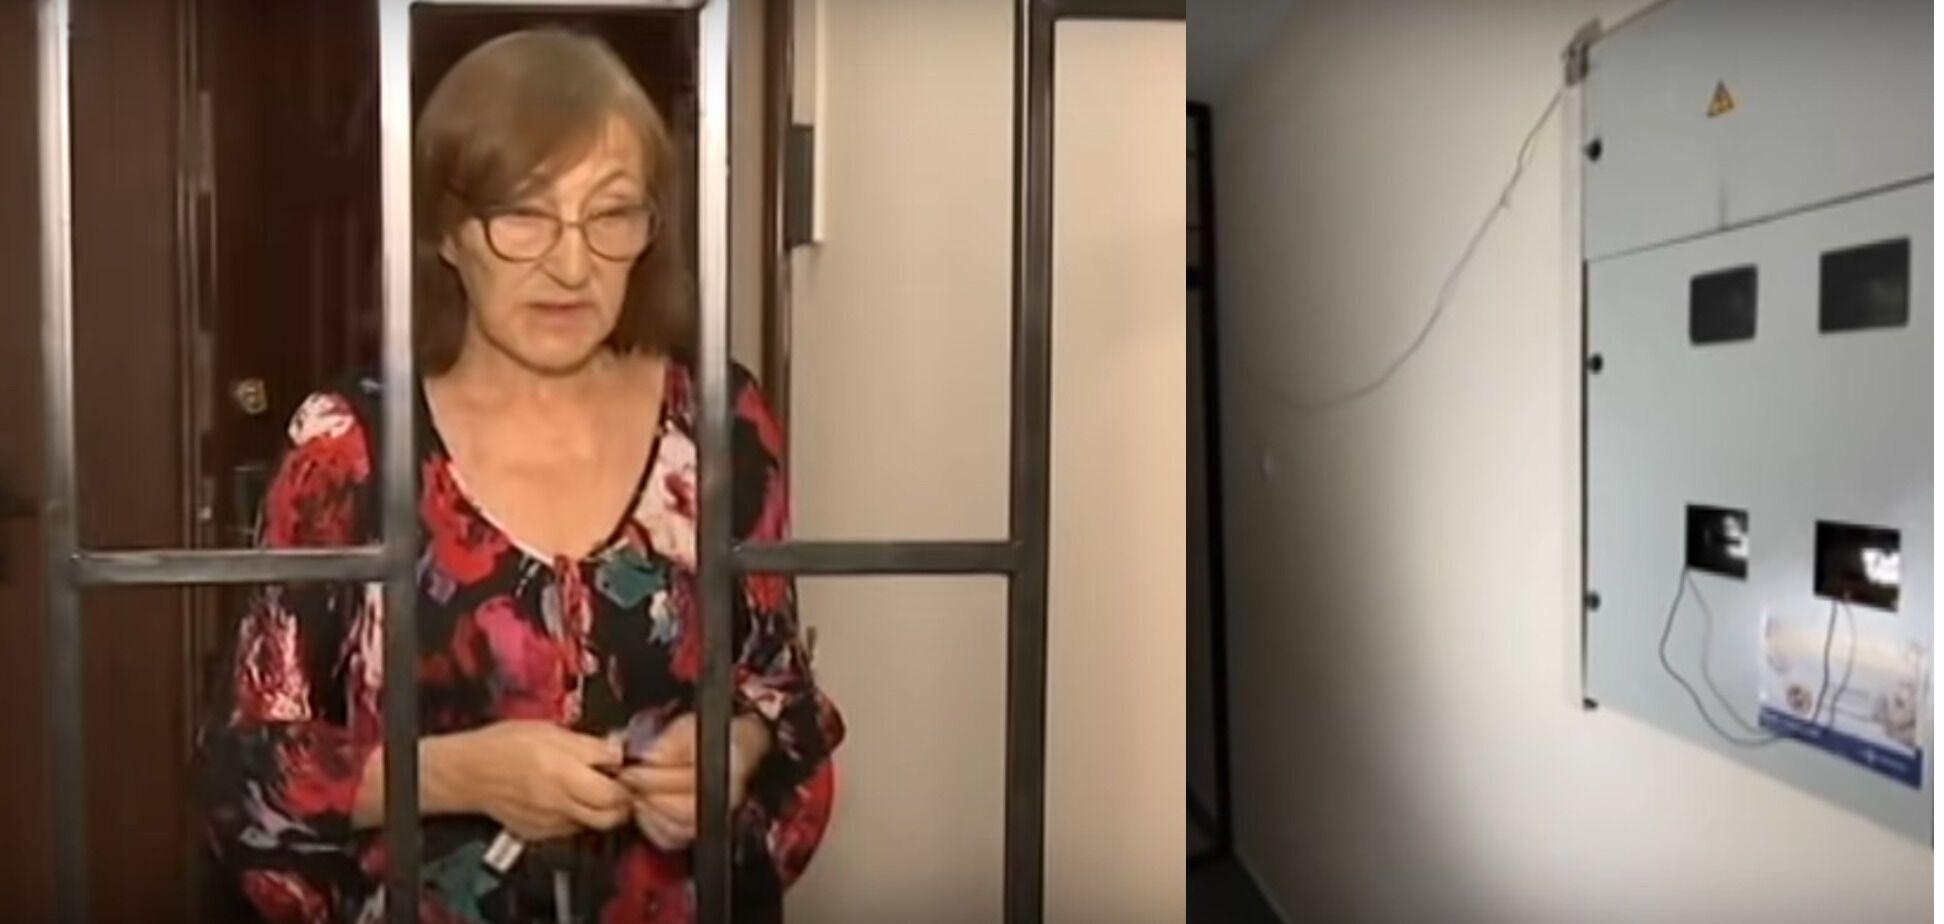 Татьяна К. возле решетки, к которой был подведен ток.